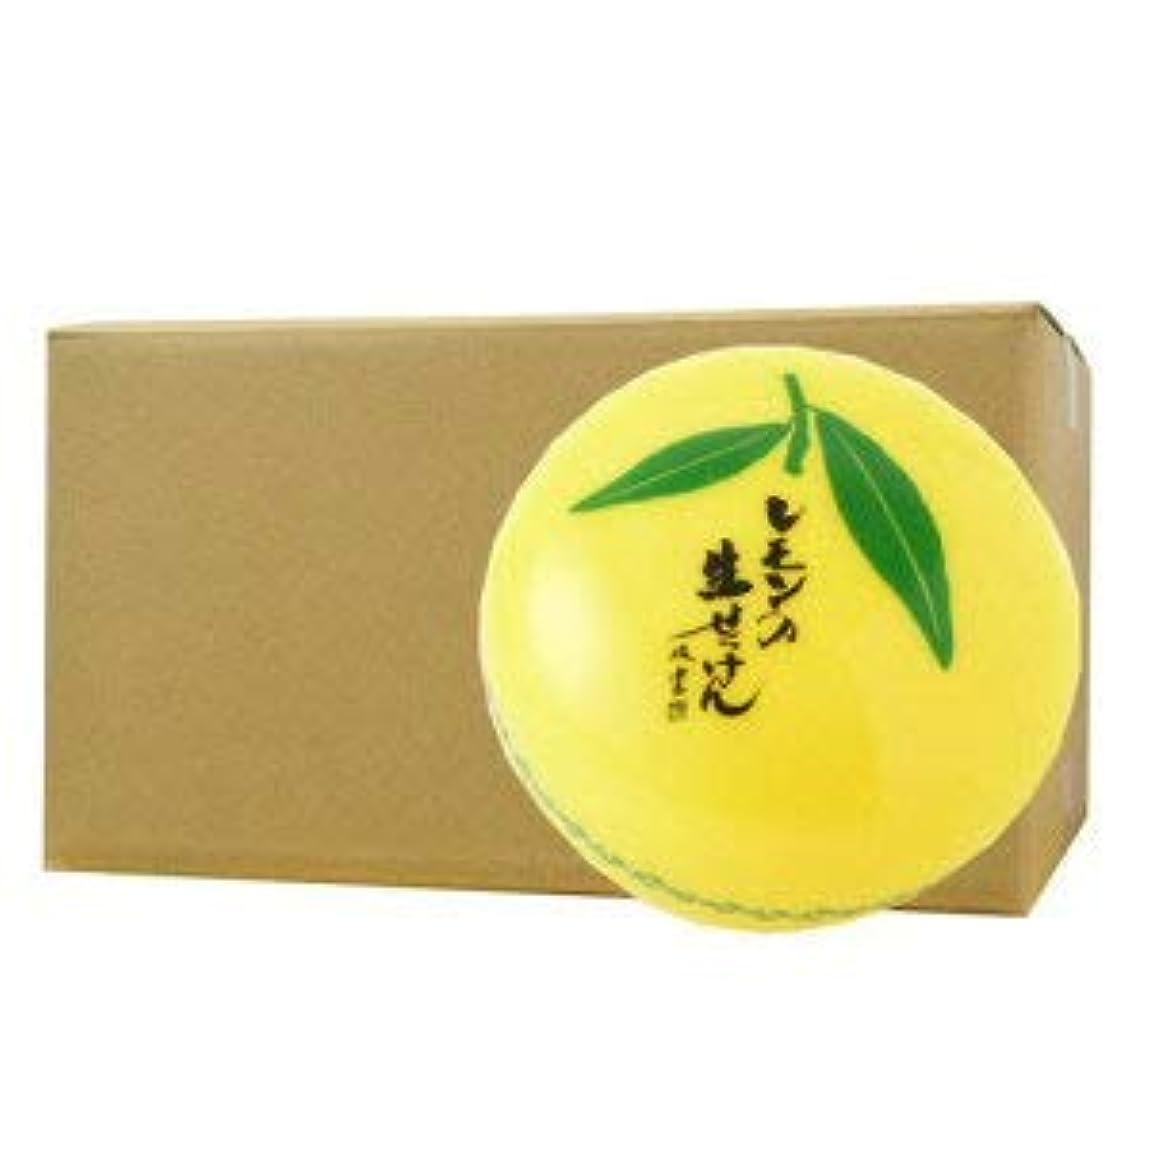 細断季節染料UYEKI美香柑レモンの生せっけん50g×72個セット